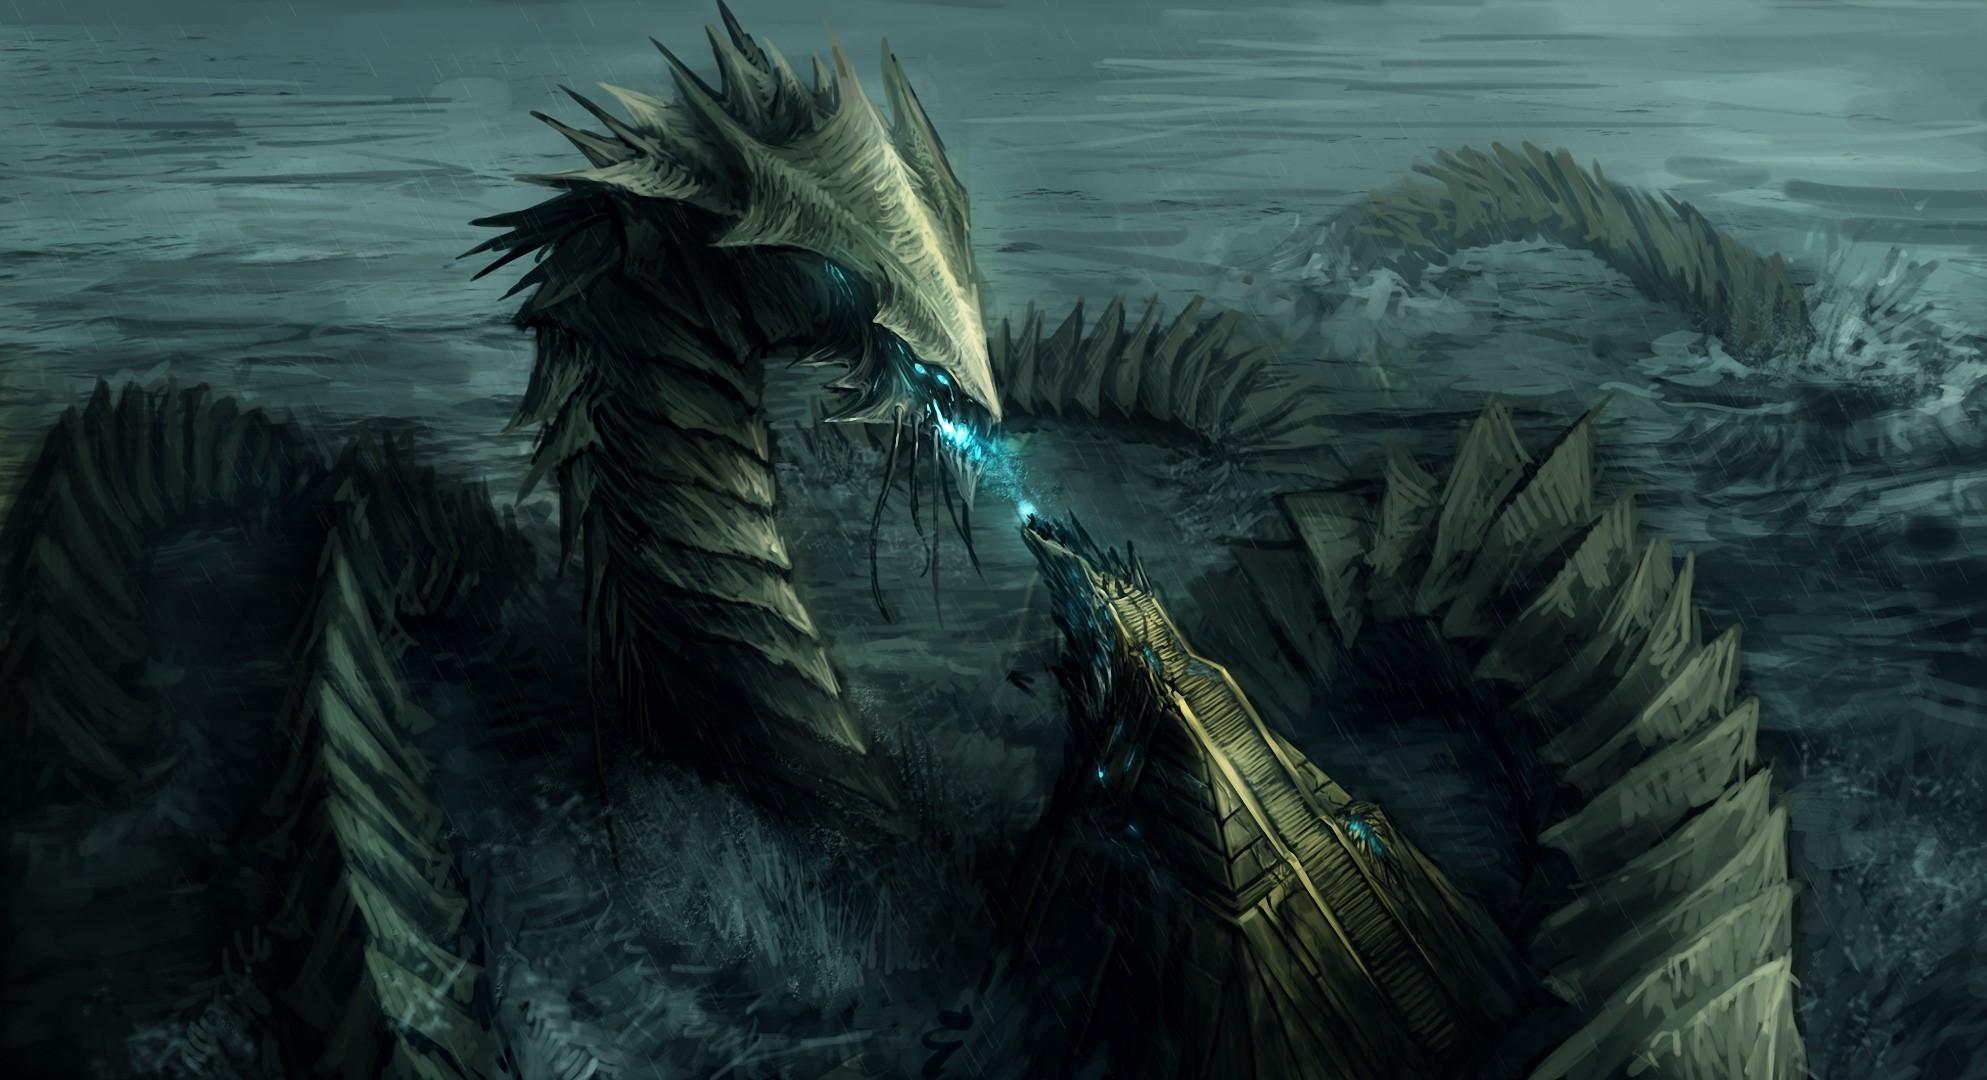 Httptenshikiiiantartartgod of the sea nahthusha fantasy creature wallpaper voltagebd Image collections